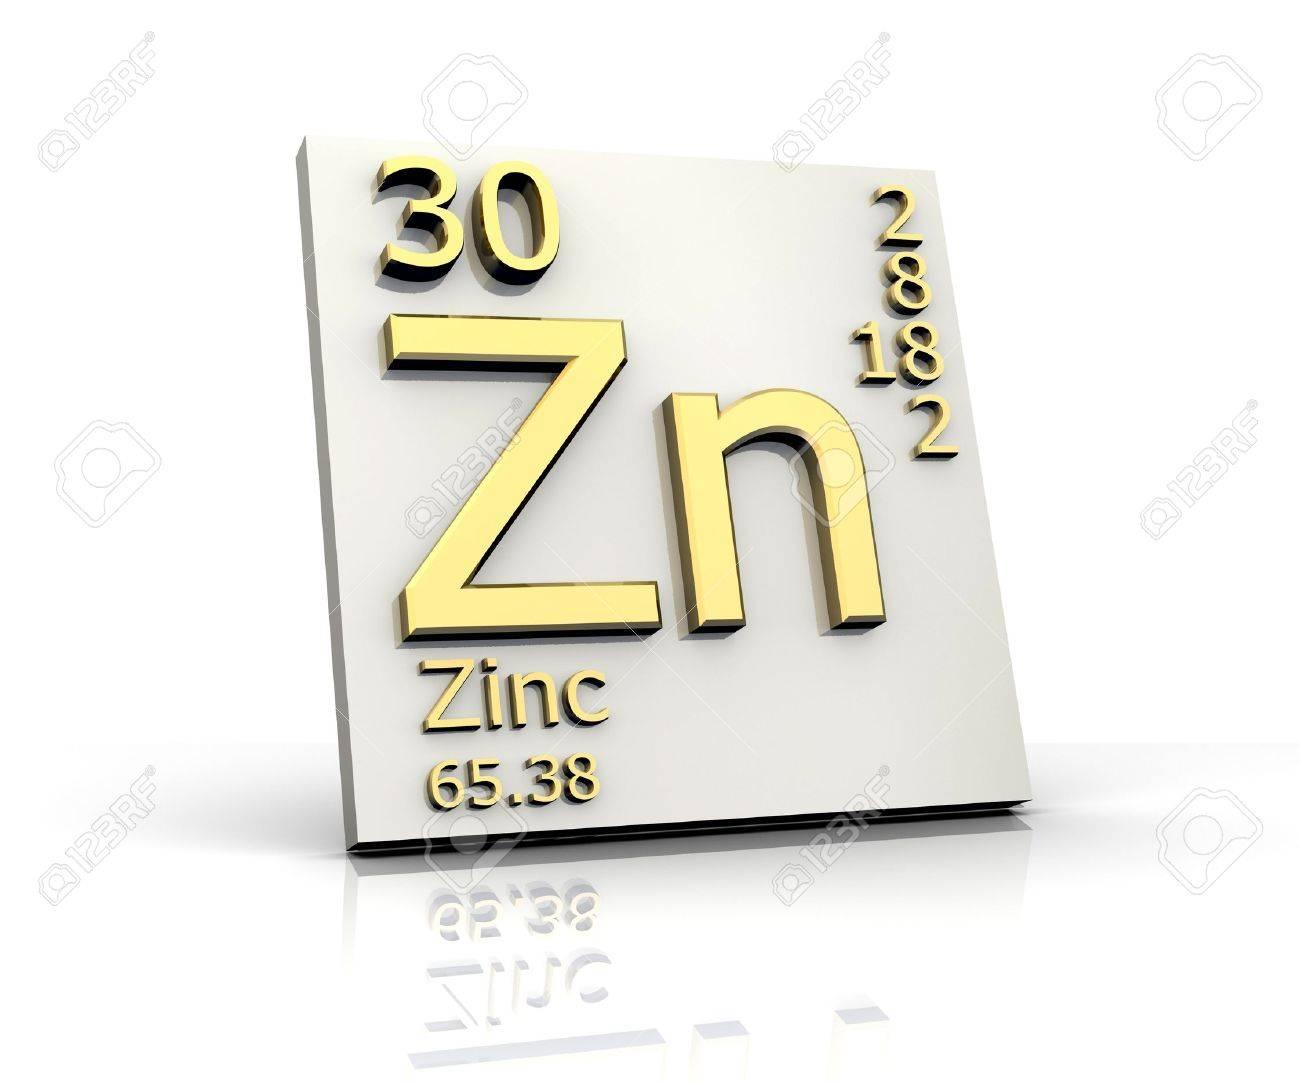 El zinc forma tabla peridica de los elementos fotos retratos el zinc forma tabla peridica de los elementos foto de archivo 4315562 urtaz Image collections